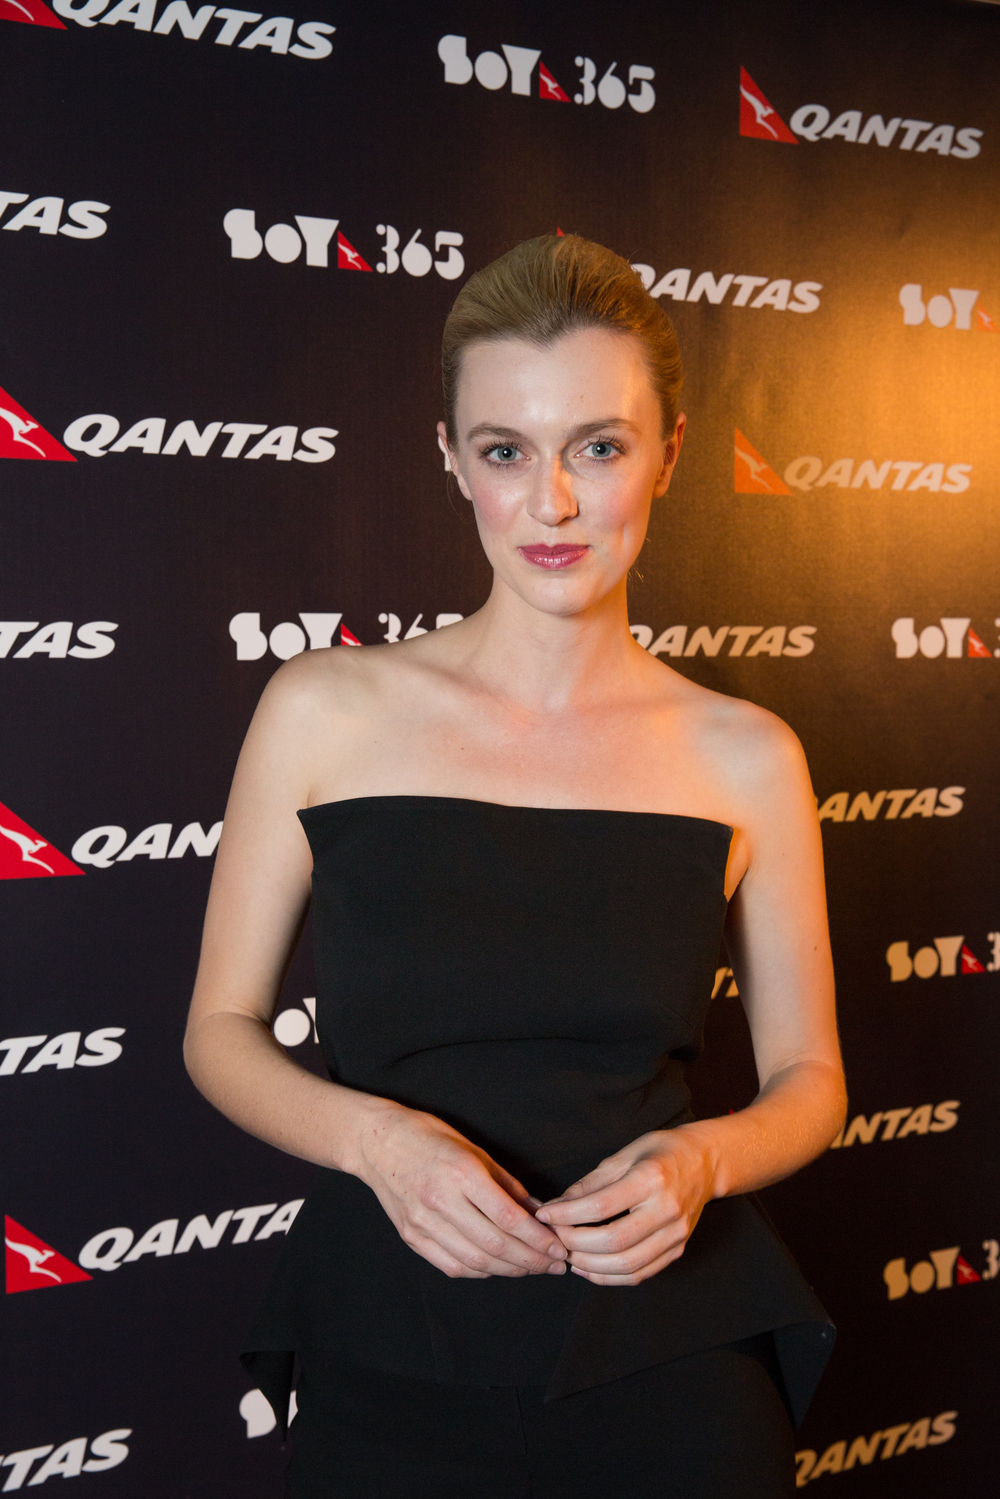 Qantas_131203_2200.jpg